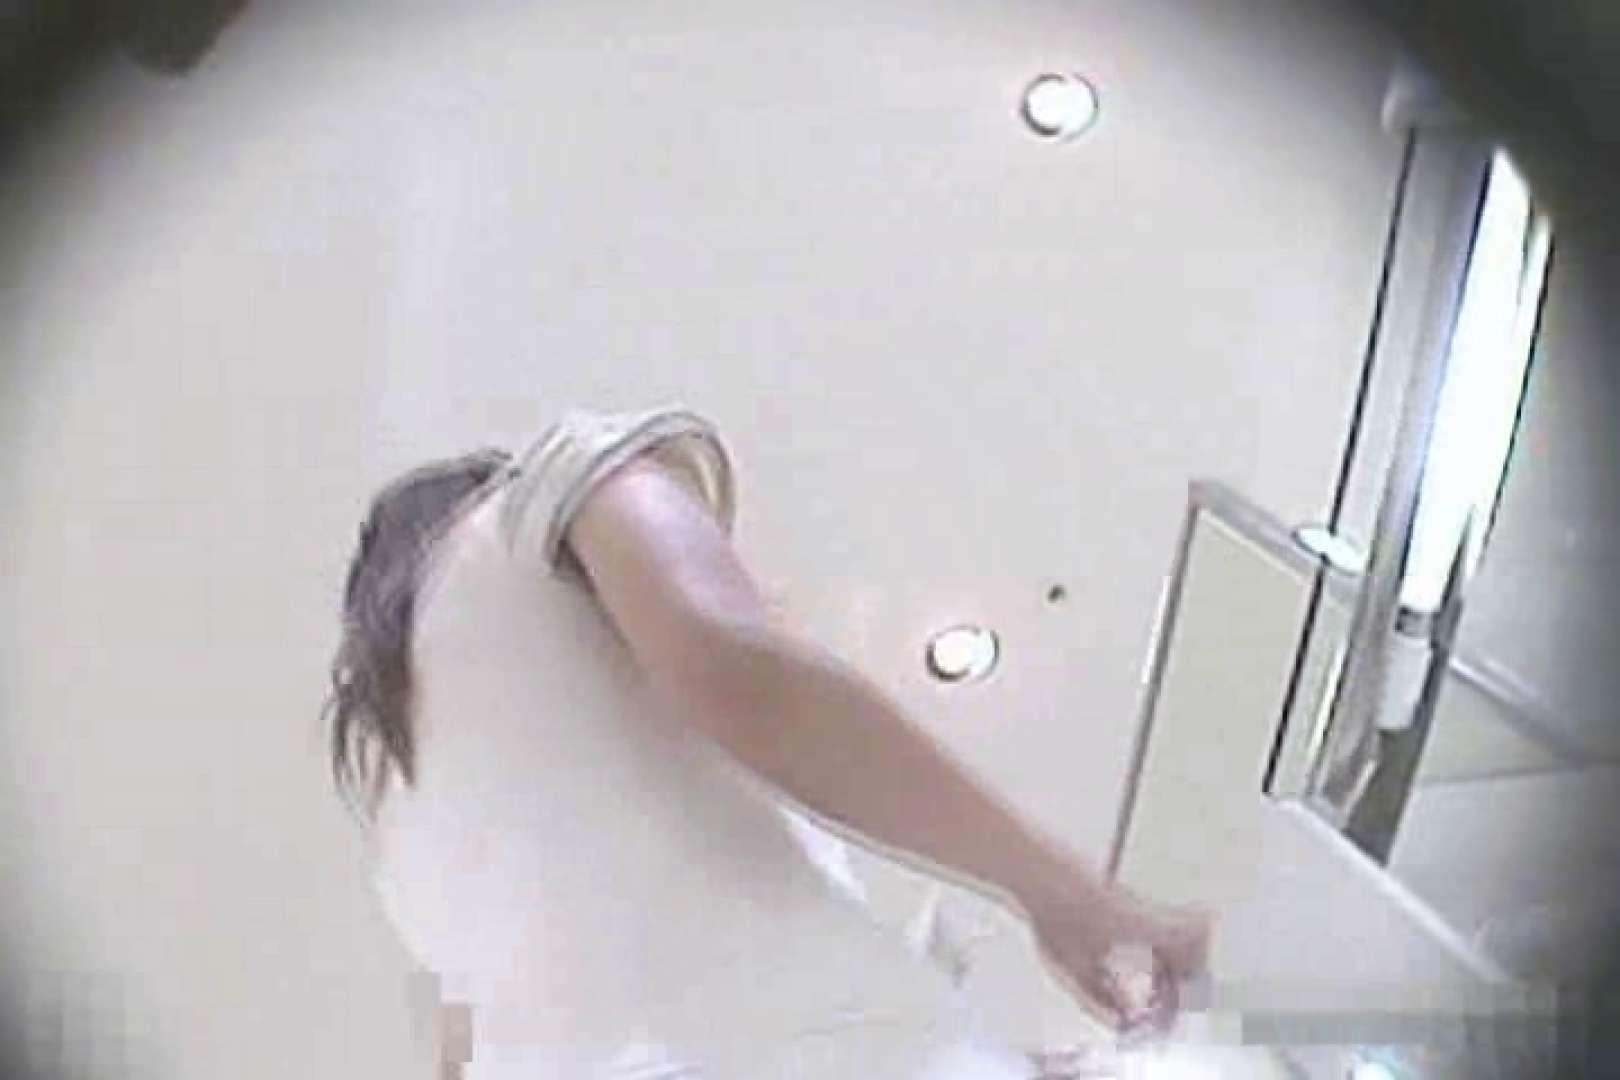 パンチラ七変化!!Vol.6 OLセックス 覗き性交動画流出 49画像 32